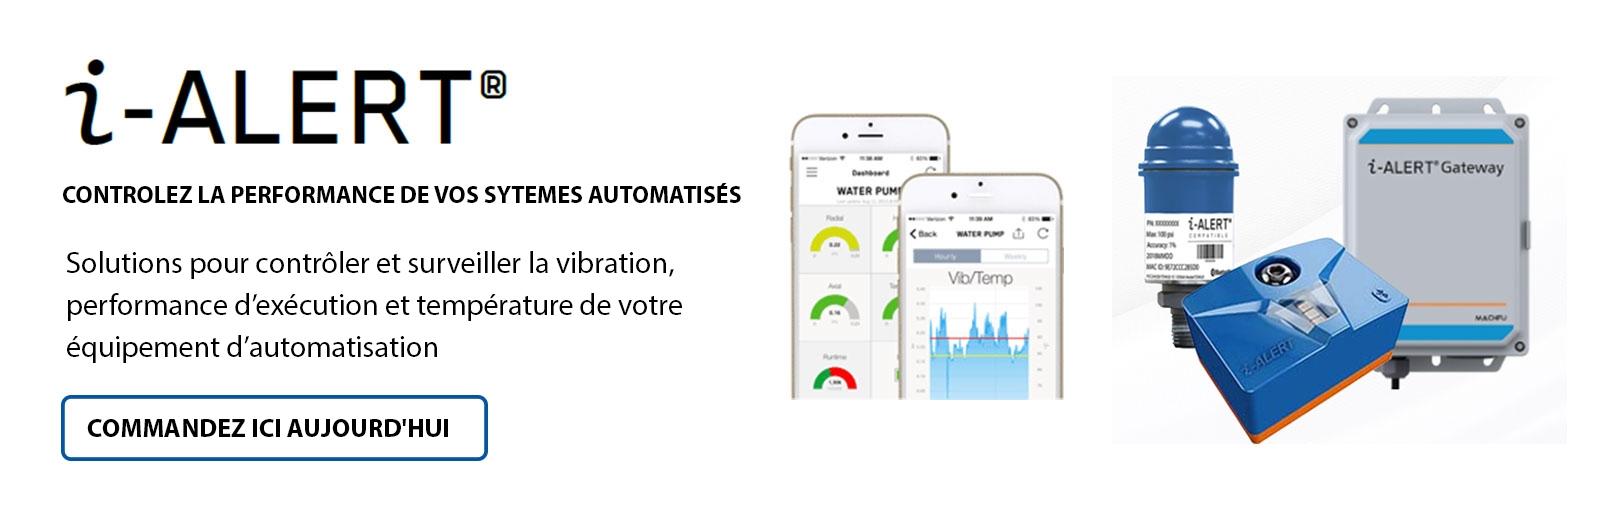 i-Alert Controlez La Performance De Vos Sytemes Automatises